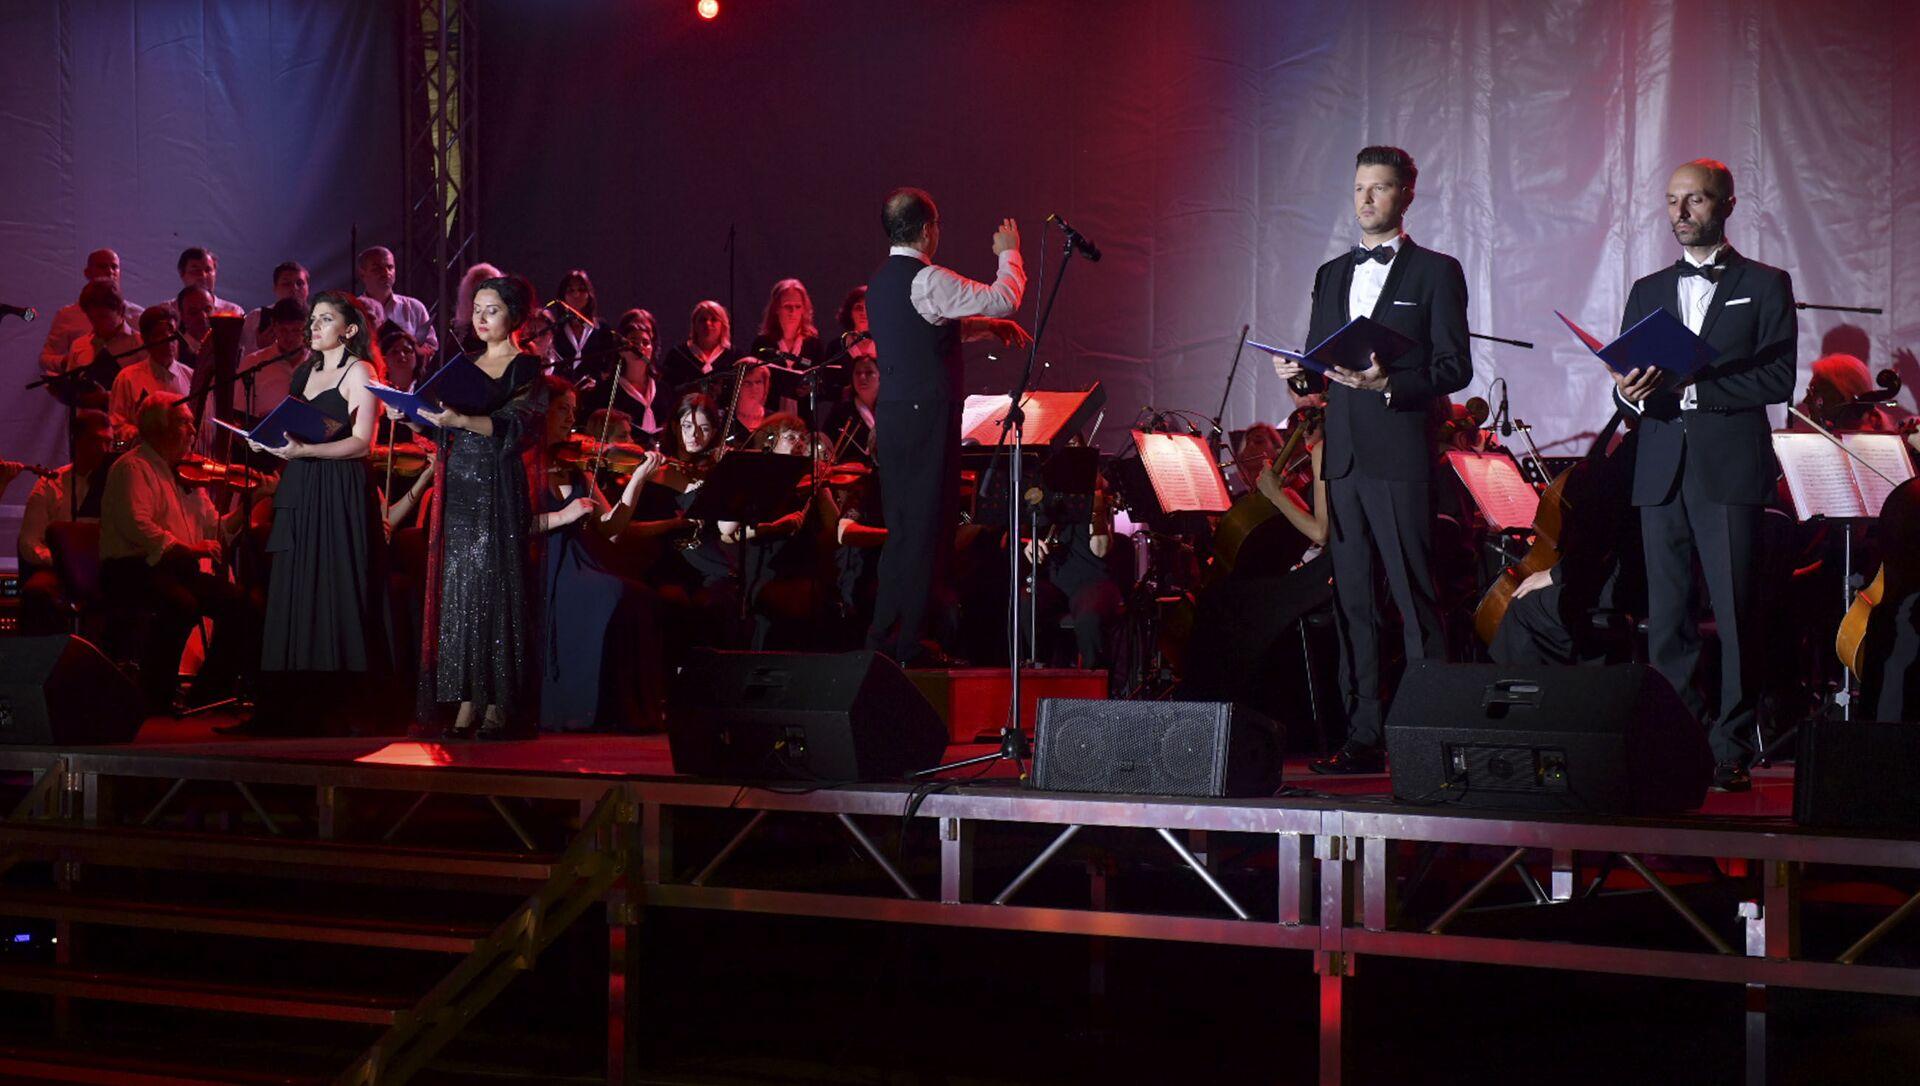 Фестиваль Opera Viva прошел на набережной Сухума  - Sputnik Аҧсны, 1920, 10.07.2021